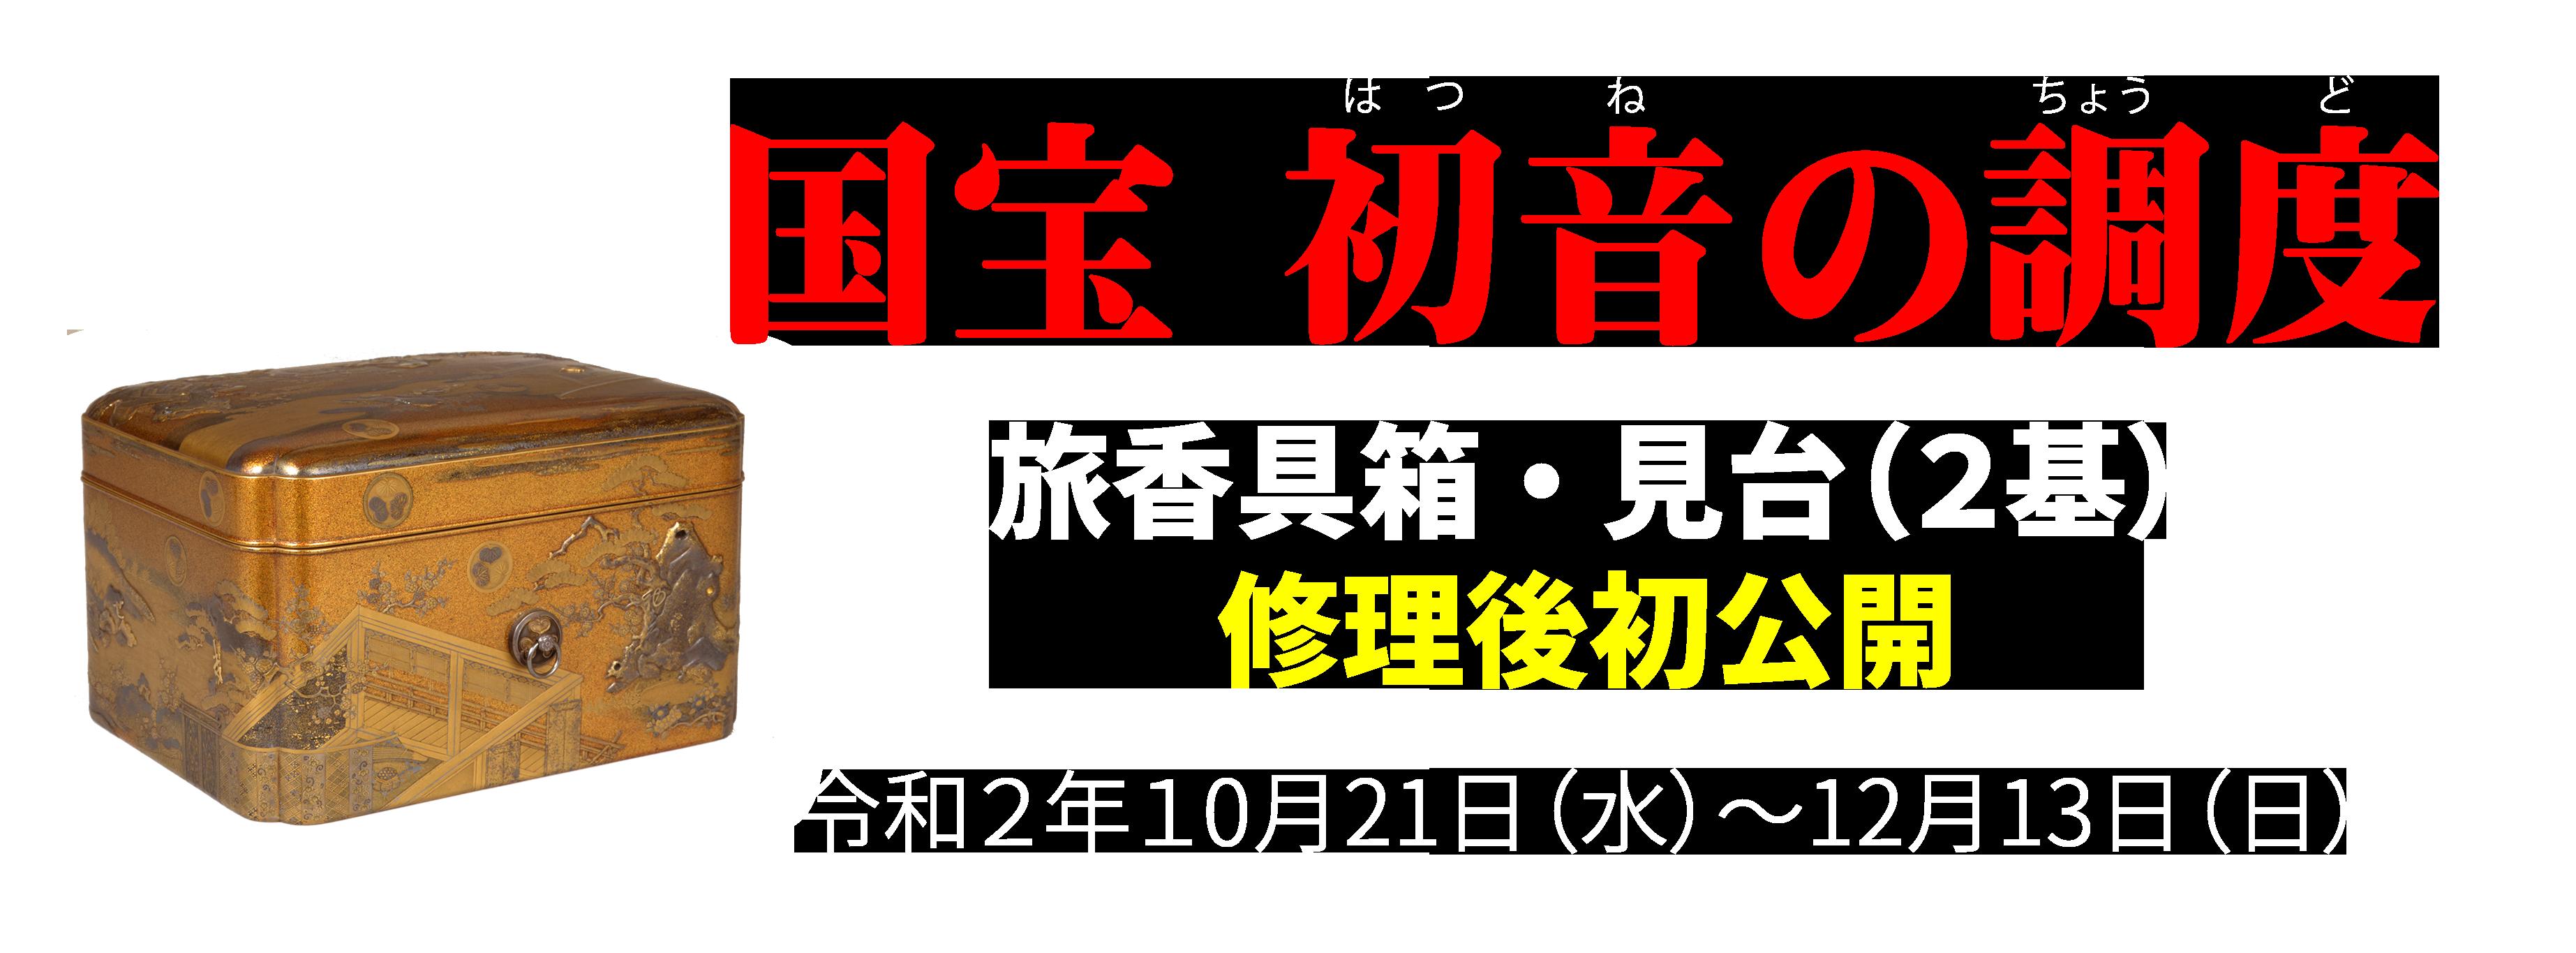 国宝 初音調度<br />修理後初公開